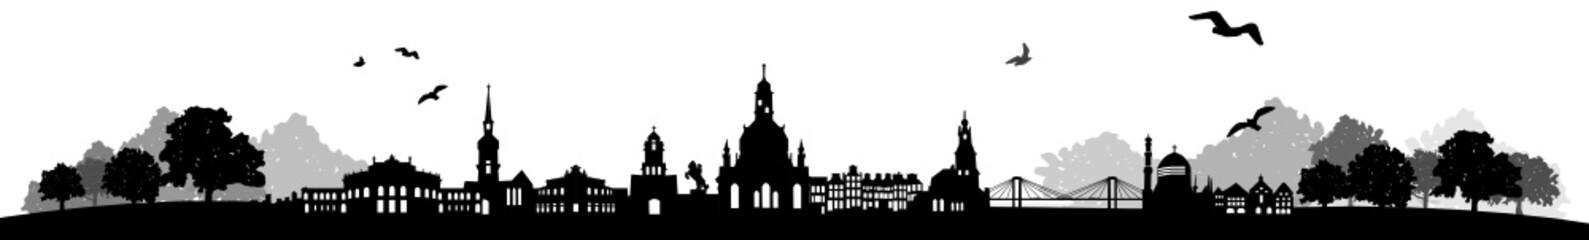 Wall Mural - Skyline Dresden Landschaft